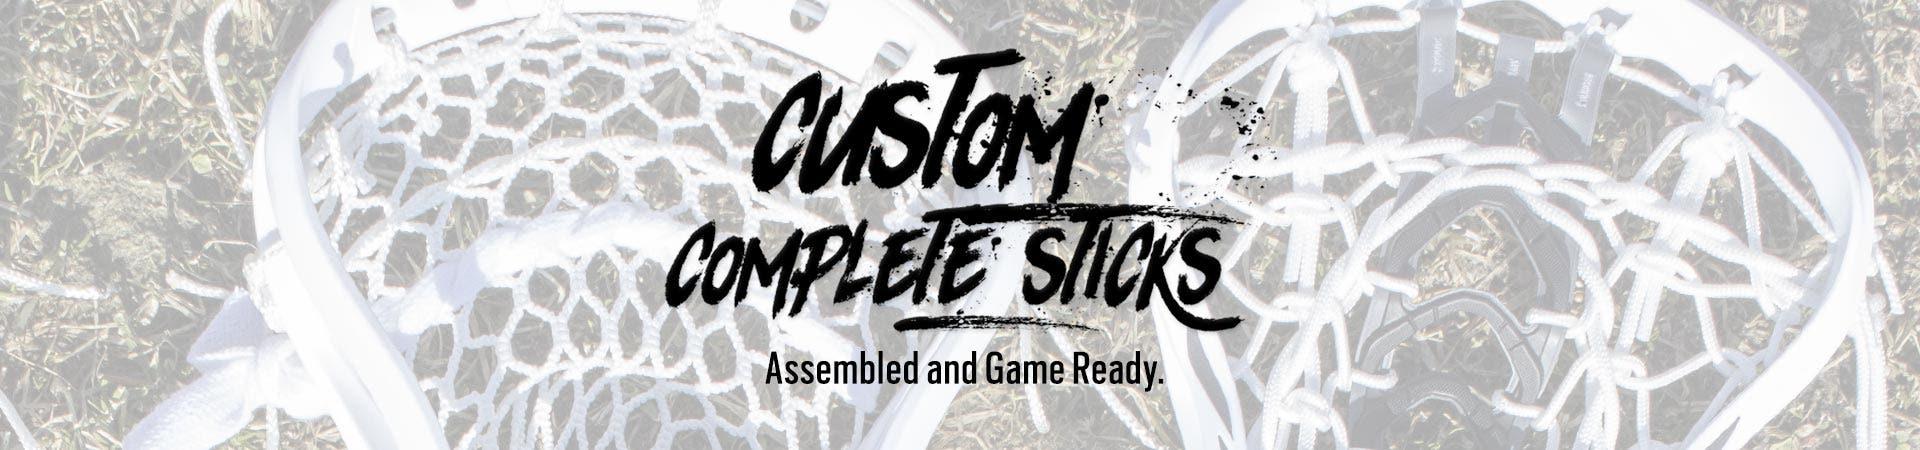 Custom Complete Sticks